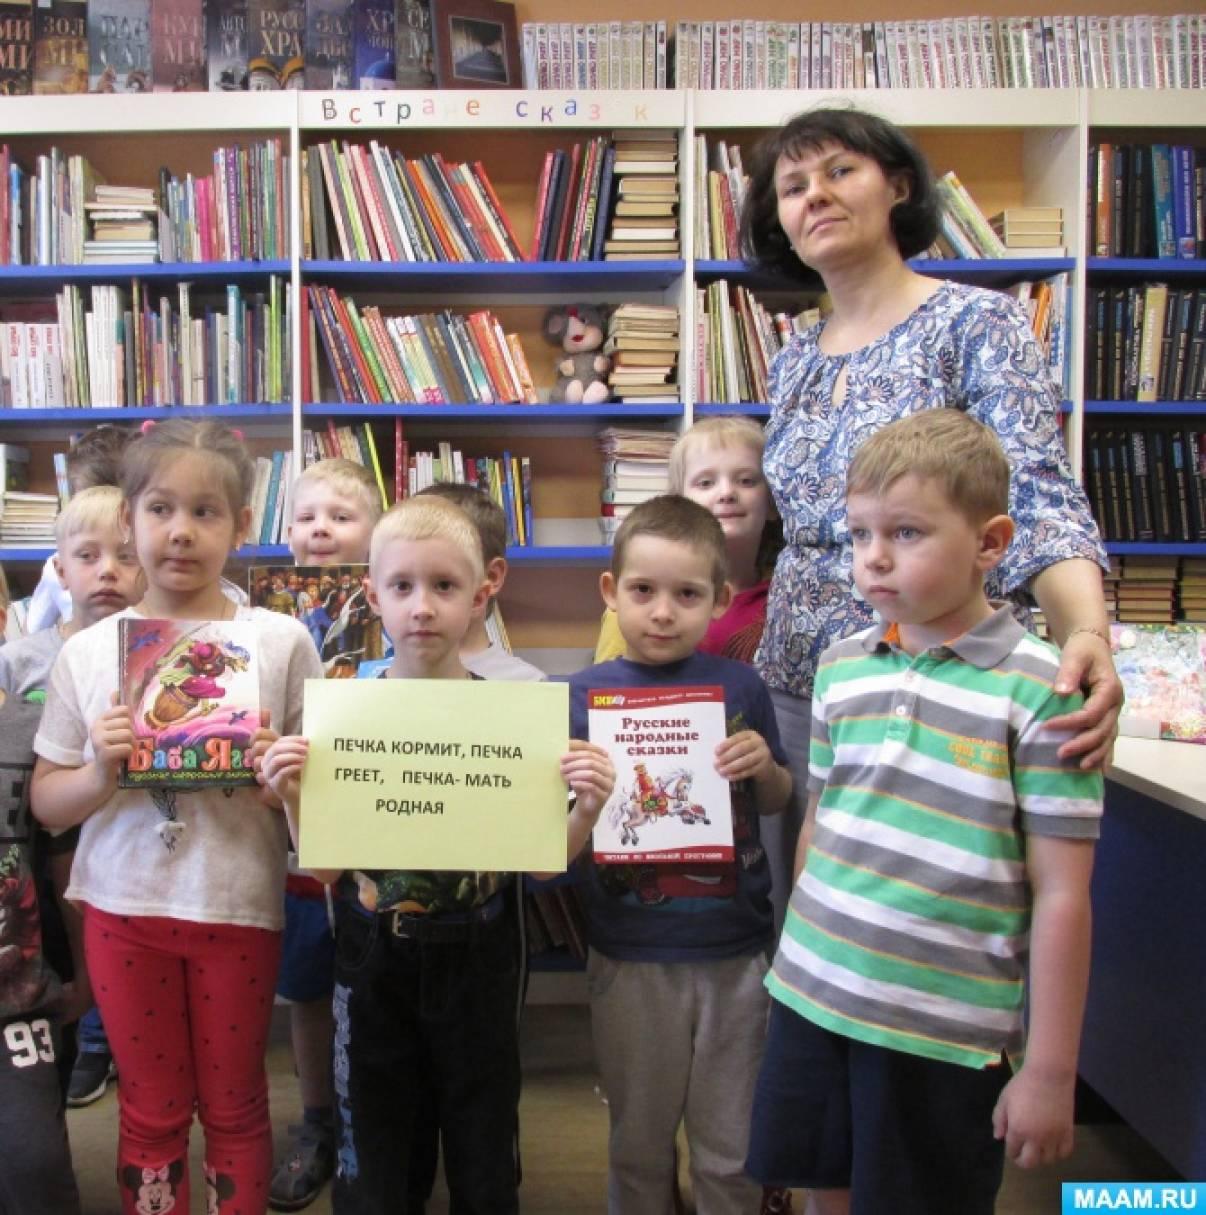 Фотоотчет об экскурсии в библиотеку «Печка кормит, печка греет, печка— мать родная»